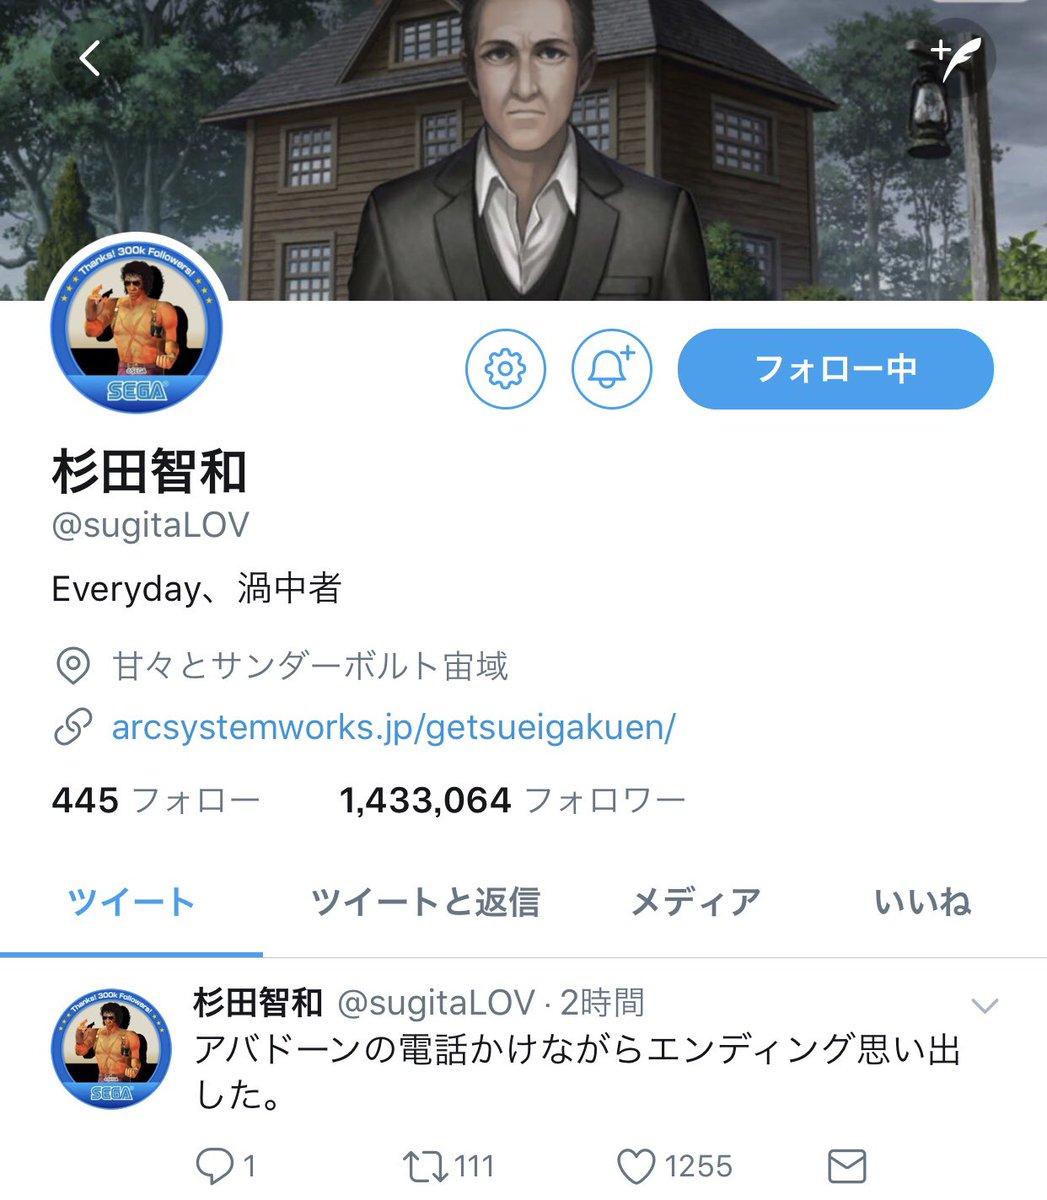 智和 twitter 杉田